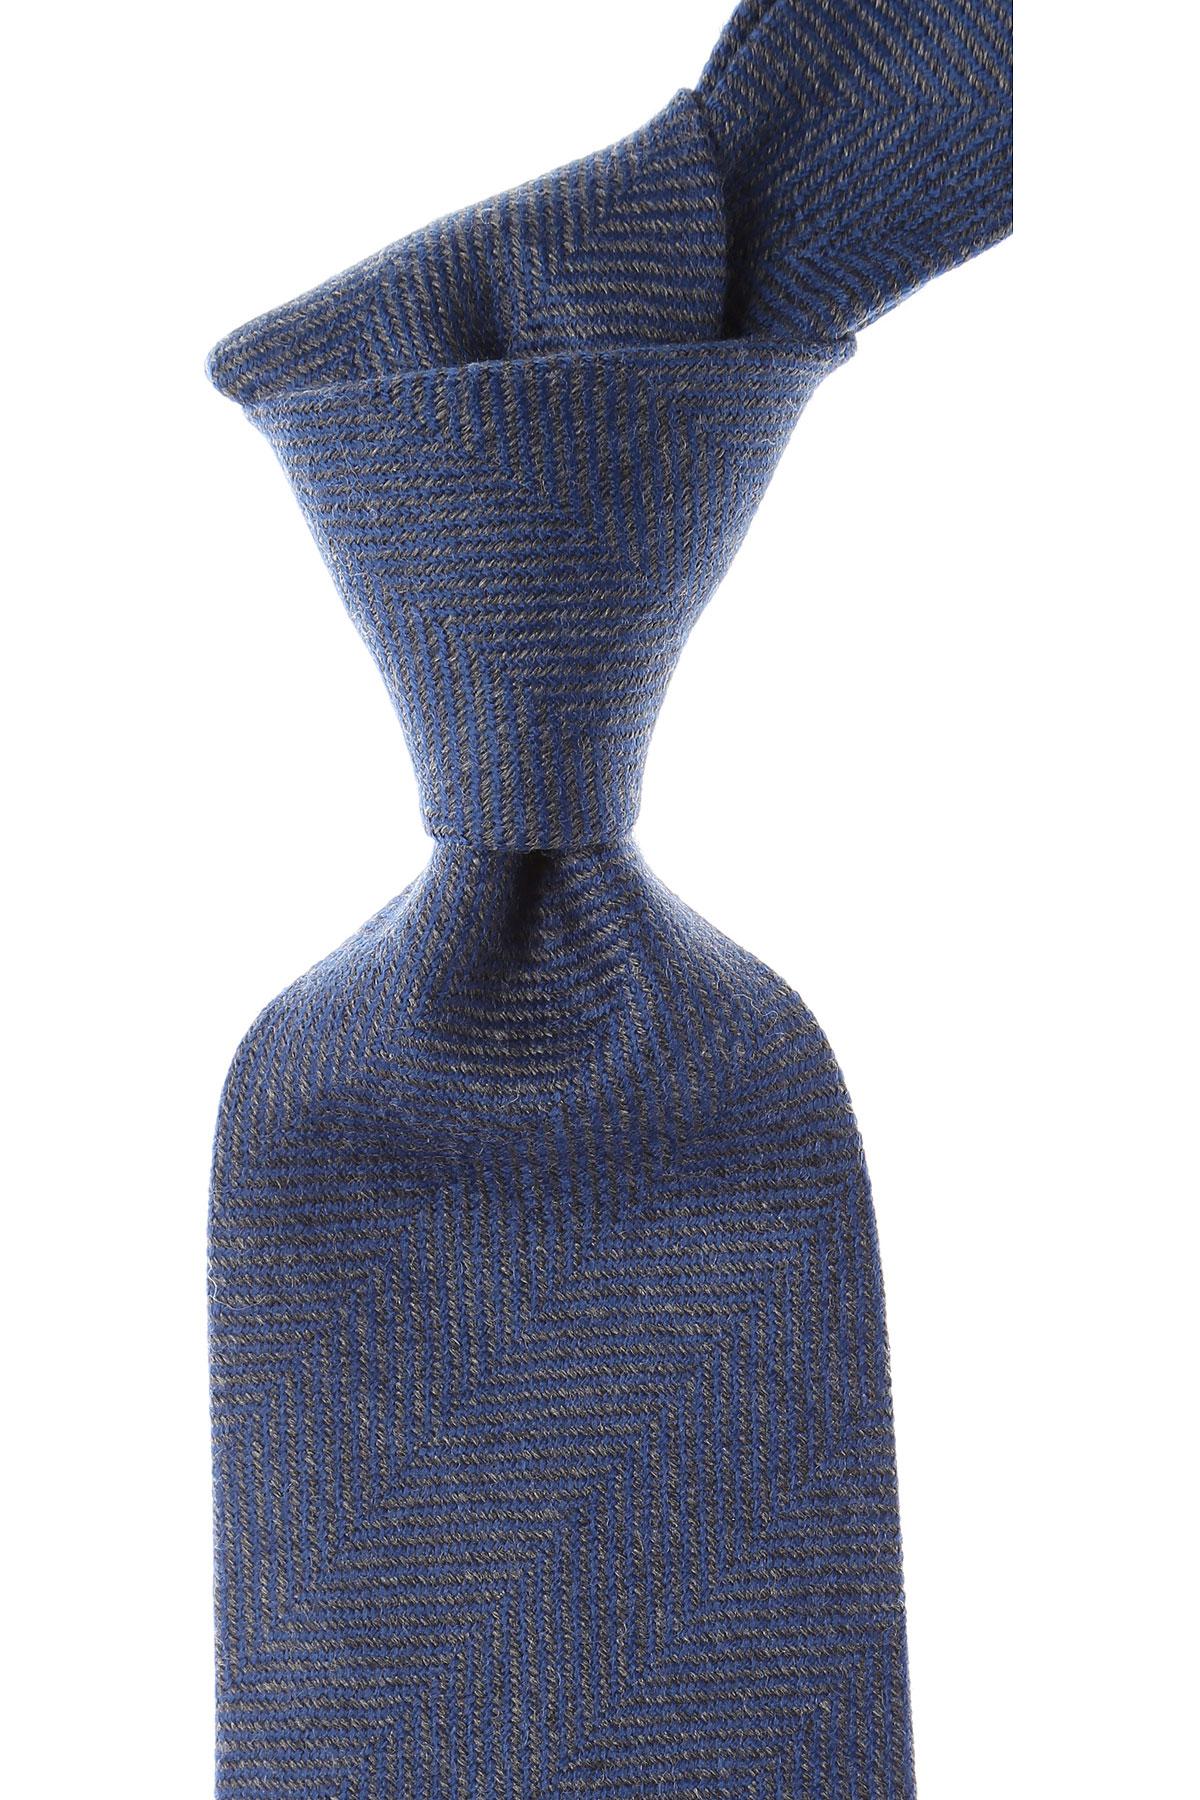 Cravates Borrelli Pas cher en Soldes, Mélange bleu royal, Laine, 2017